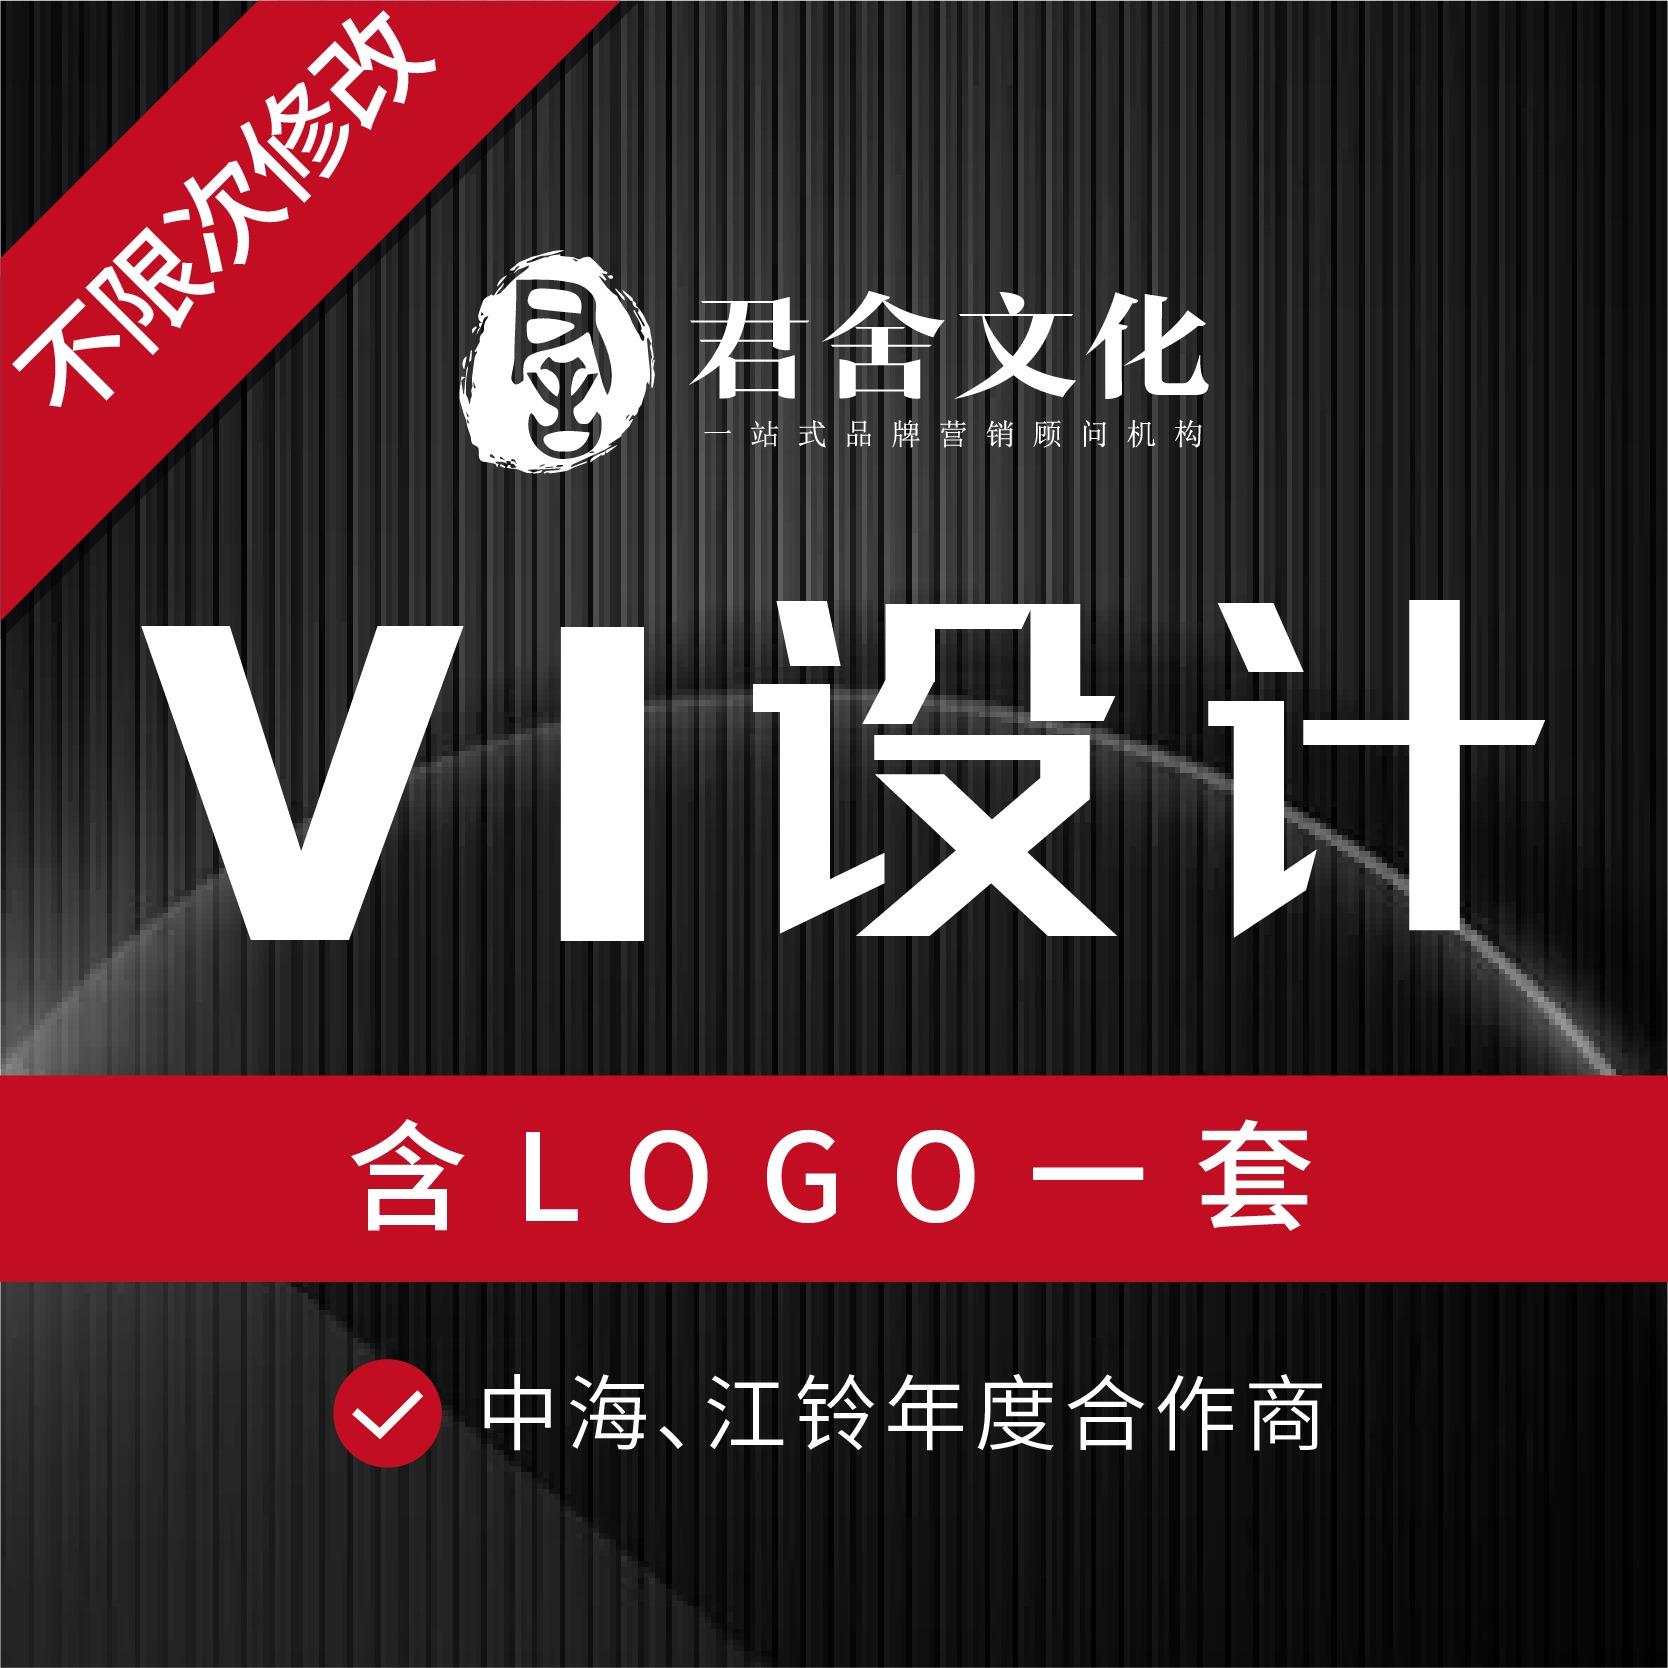 企业形象VI设计企业全套VI设计品牌宣传VI设计企业形象VI